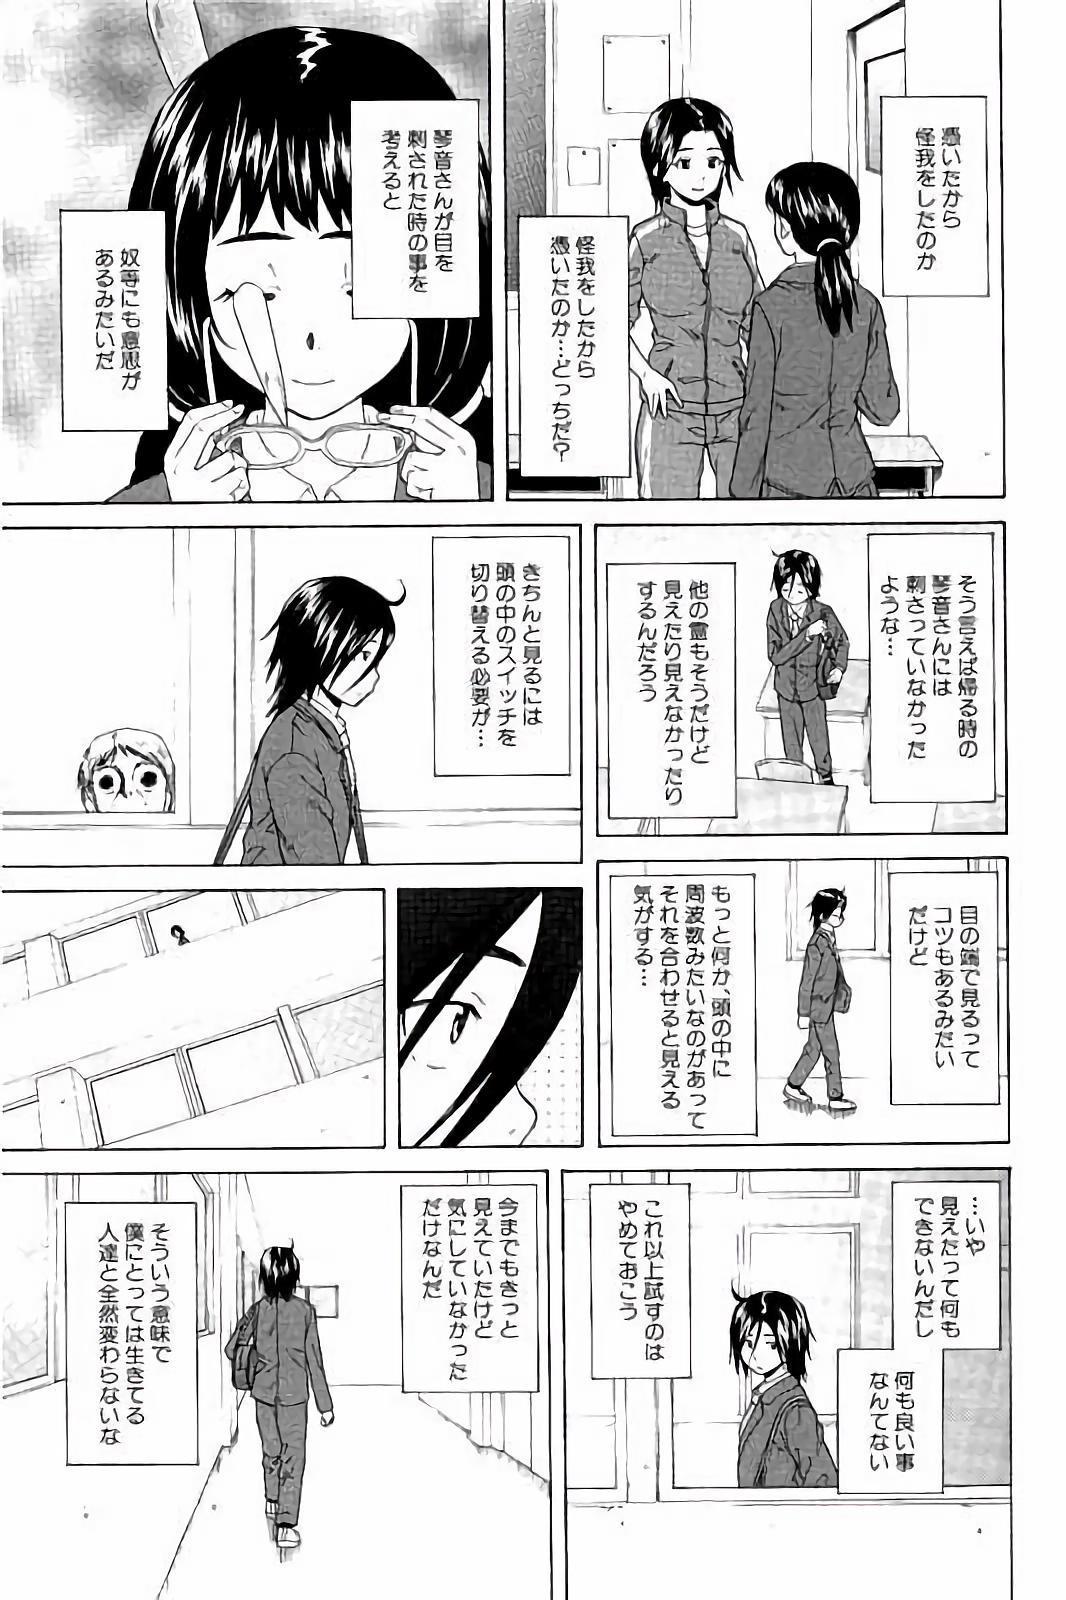 Ane no Himitsu To Boku no Jisatsu 44